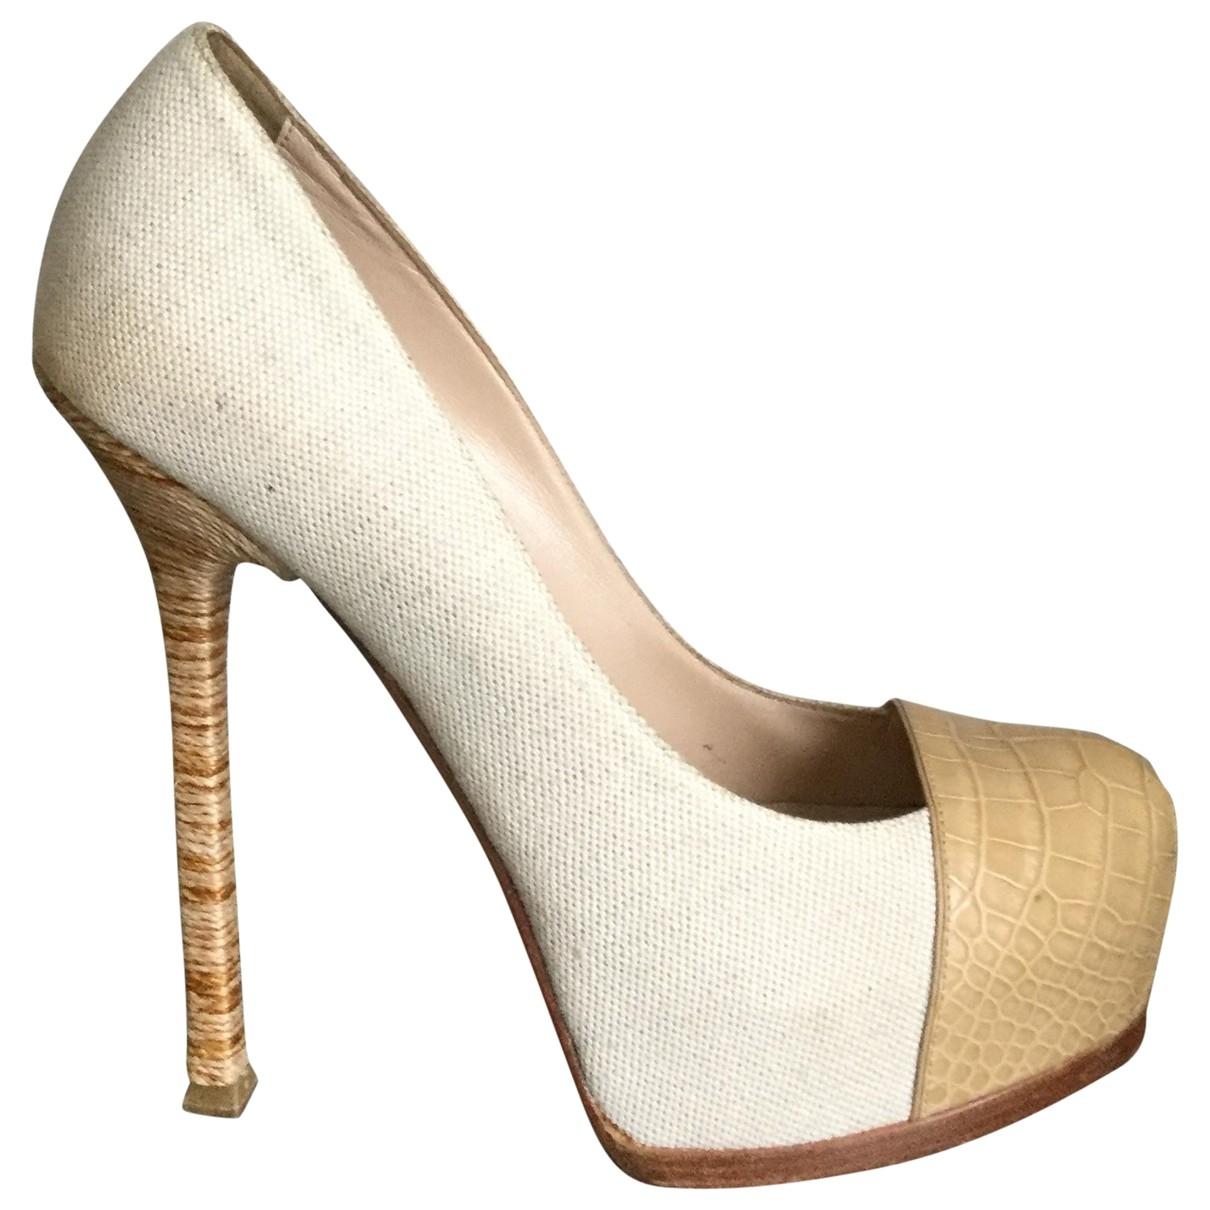 Yves Saint Laurent - Escarpins Trib Too pour femme en cuir exotique - beige